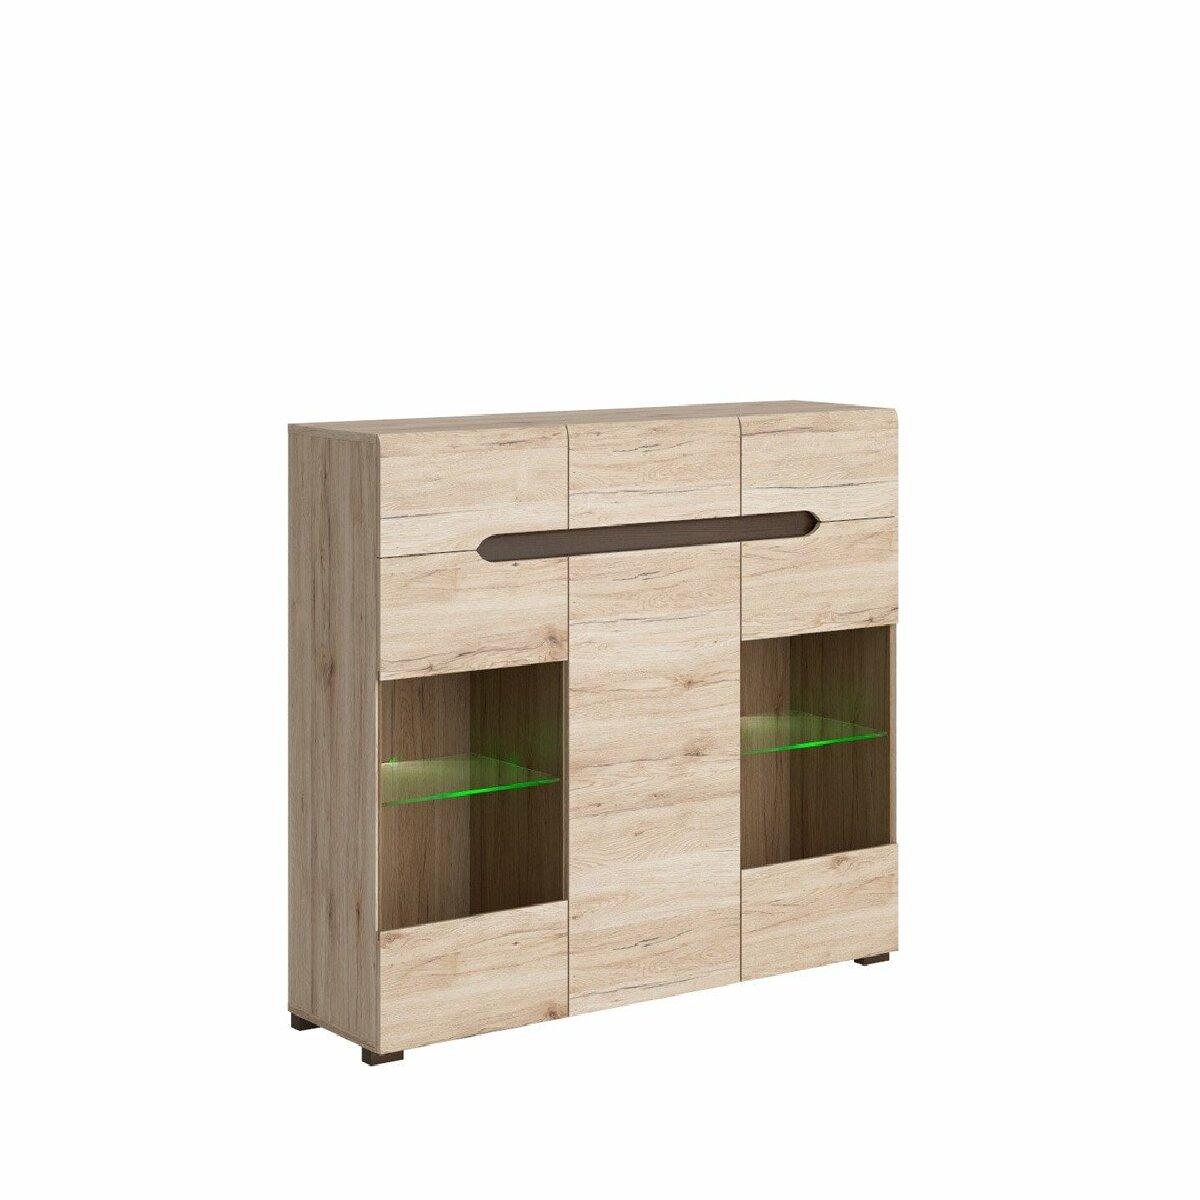 Hucoco SUZANNI   Buffet pour salon/ chambre adulte   Style scandinave   150 x 104,5 x 41,5 cm   Tiroirs   Portes vitrées - Chên